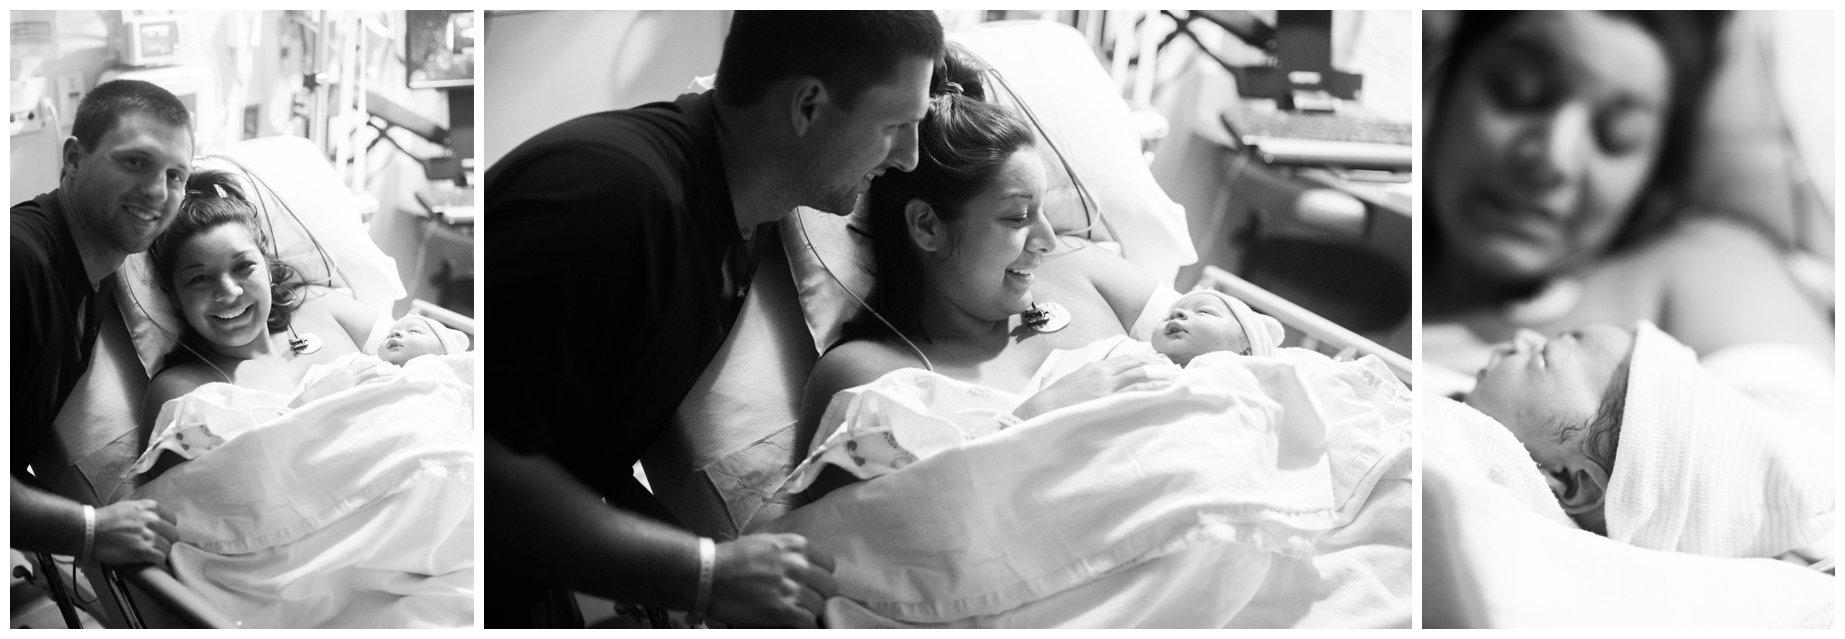 st louis photography_maternity_lauren muckler photography_film_st louis film photographer_0134.jpg